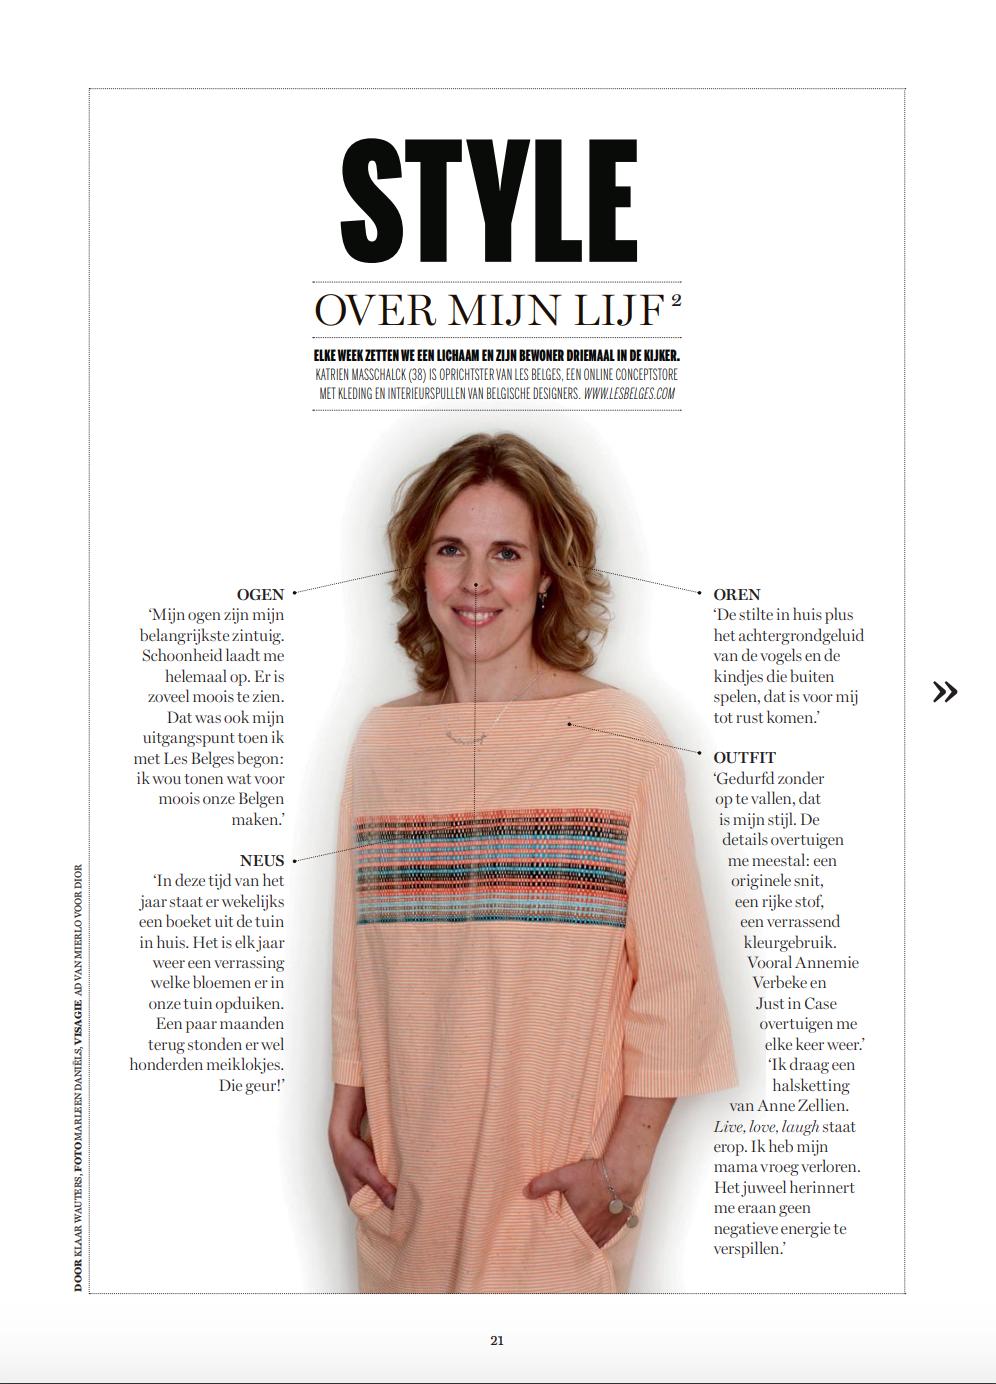 In de media: De Standaard dS Magazine